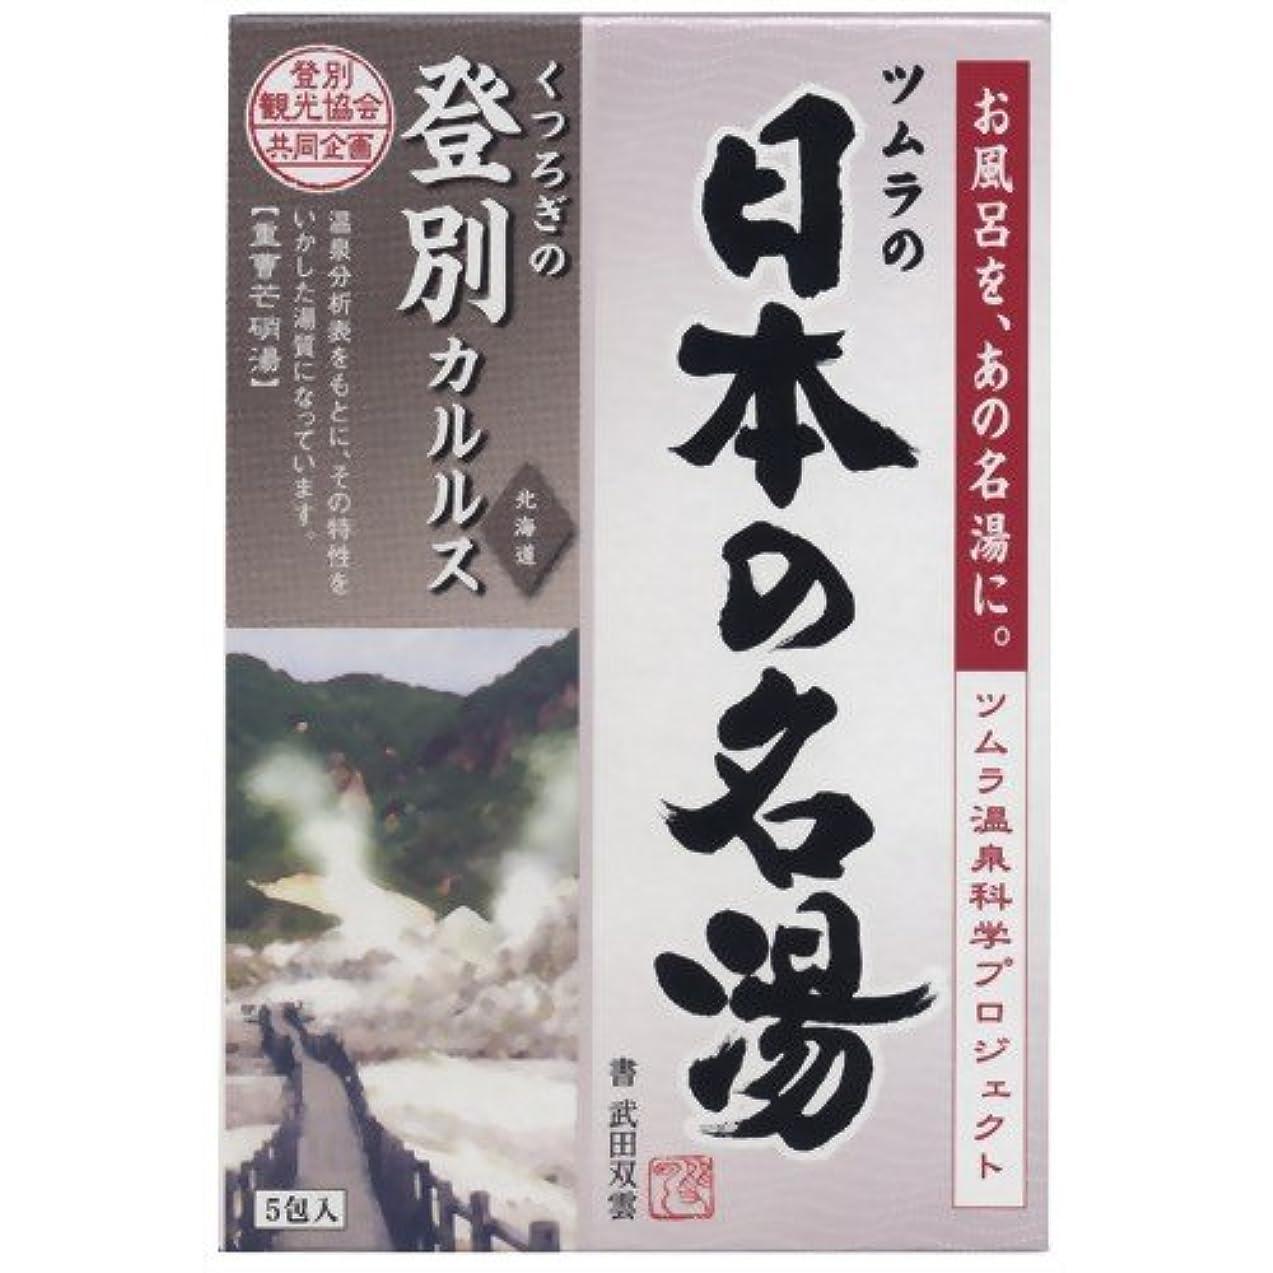 用量誕生滑るバスクリン 日本の名湯 登別カルルス 30g×5包入(入浴剤)×24点セット (4548514135451)